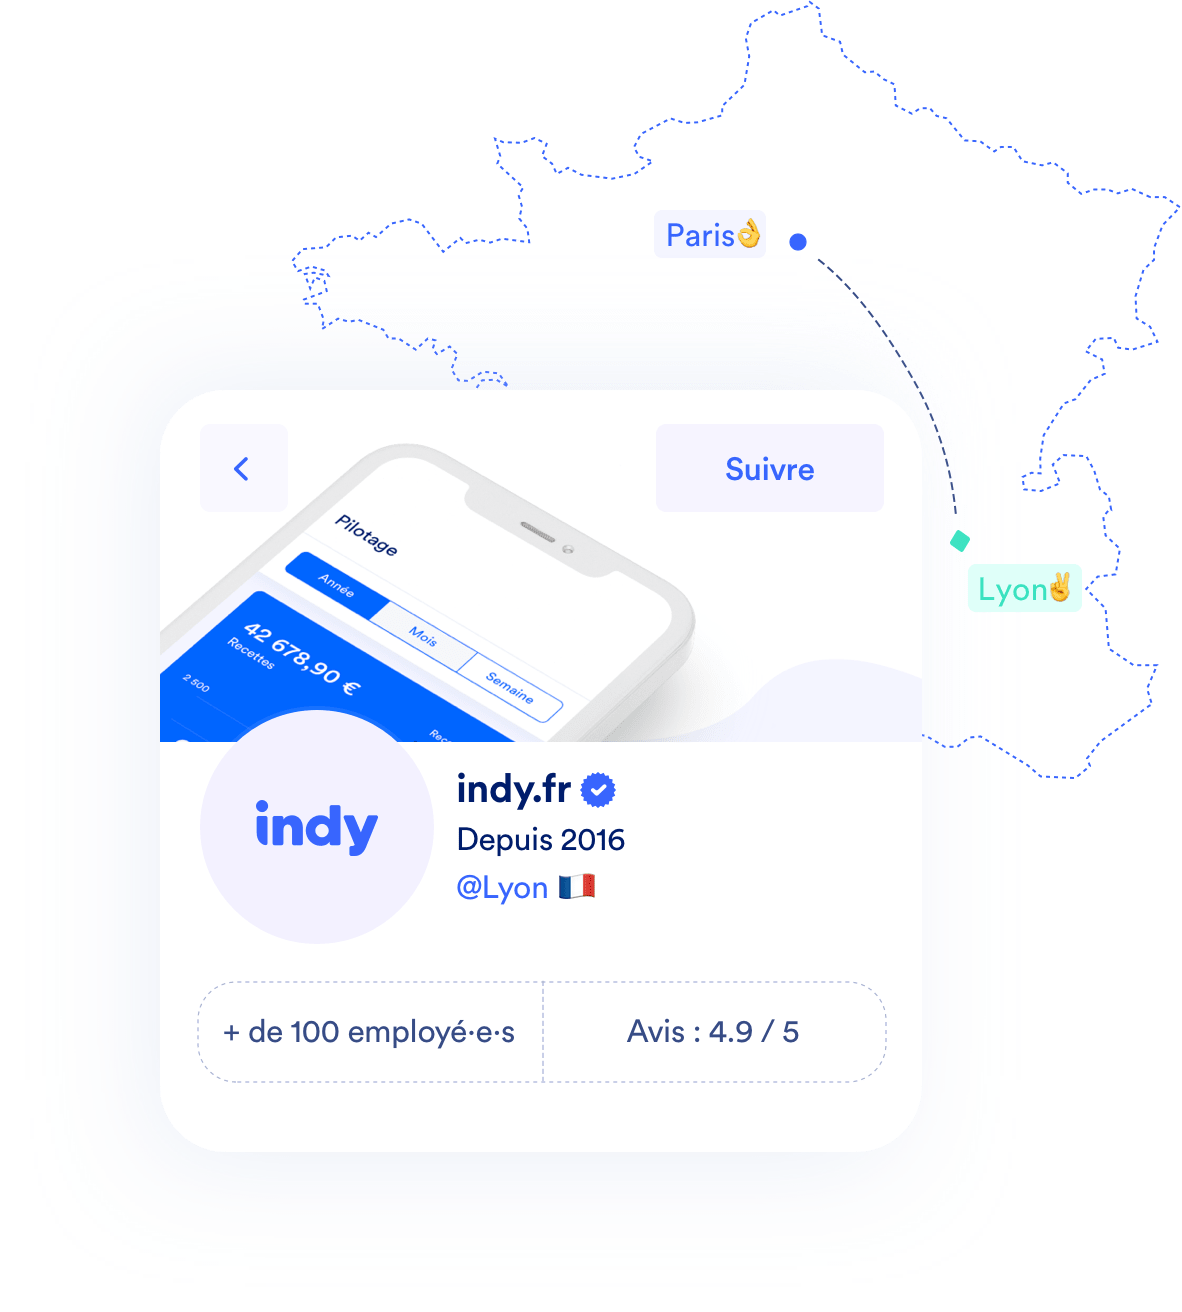 Indy, une entreprise française